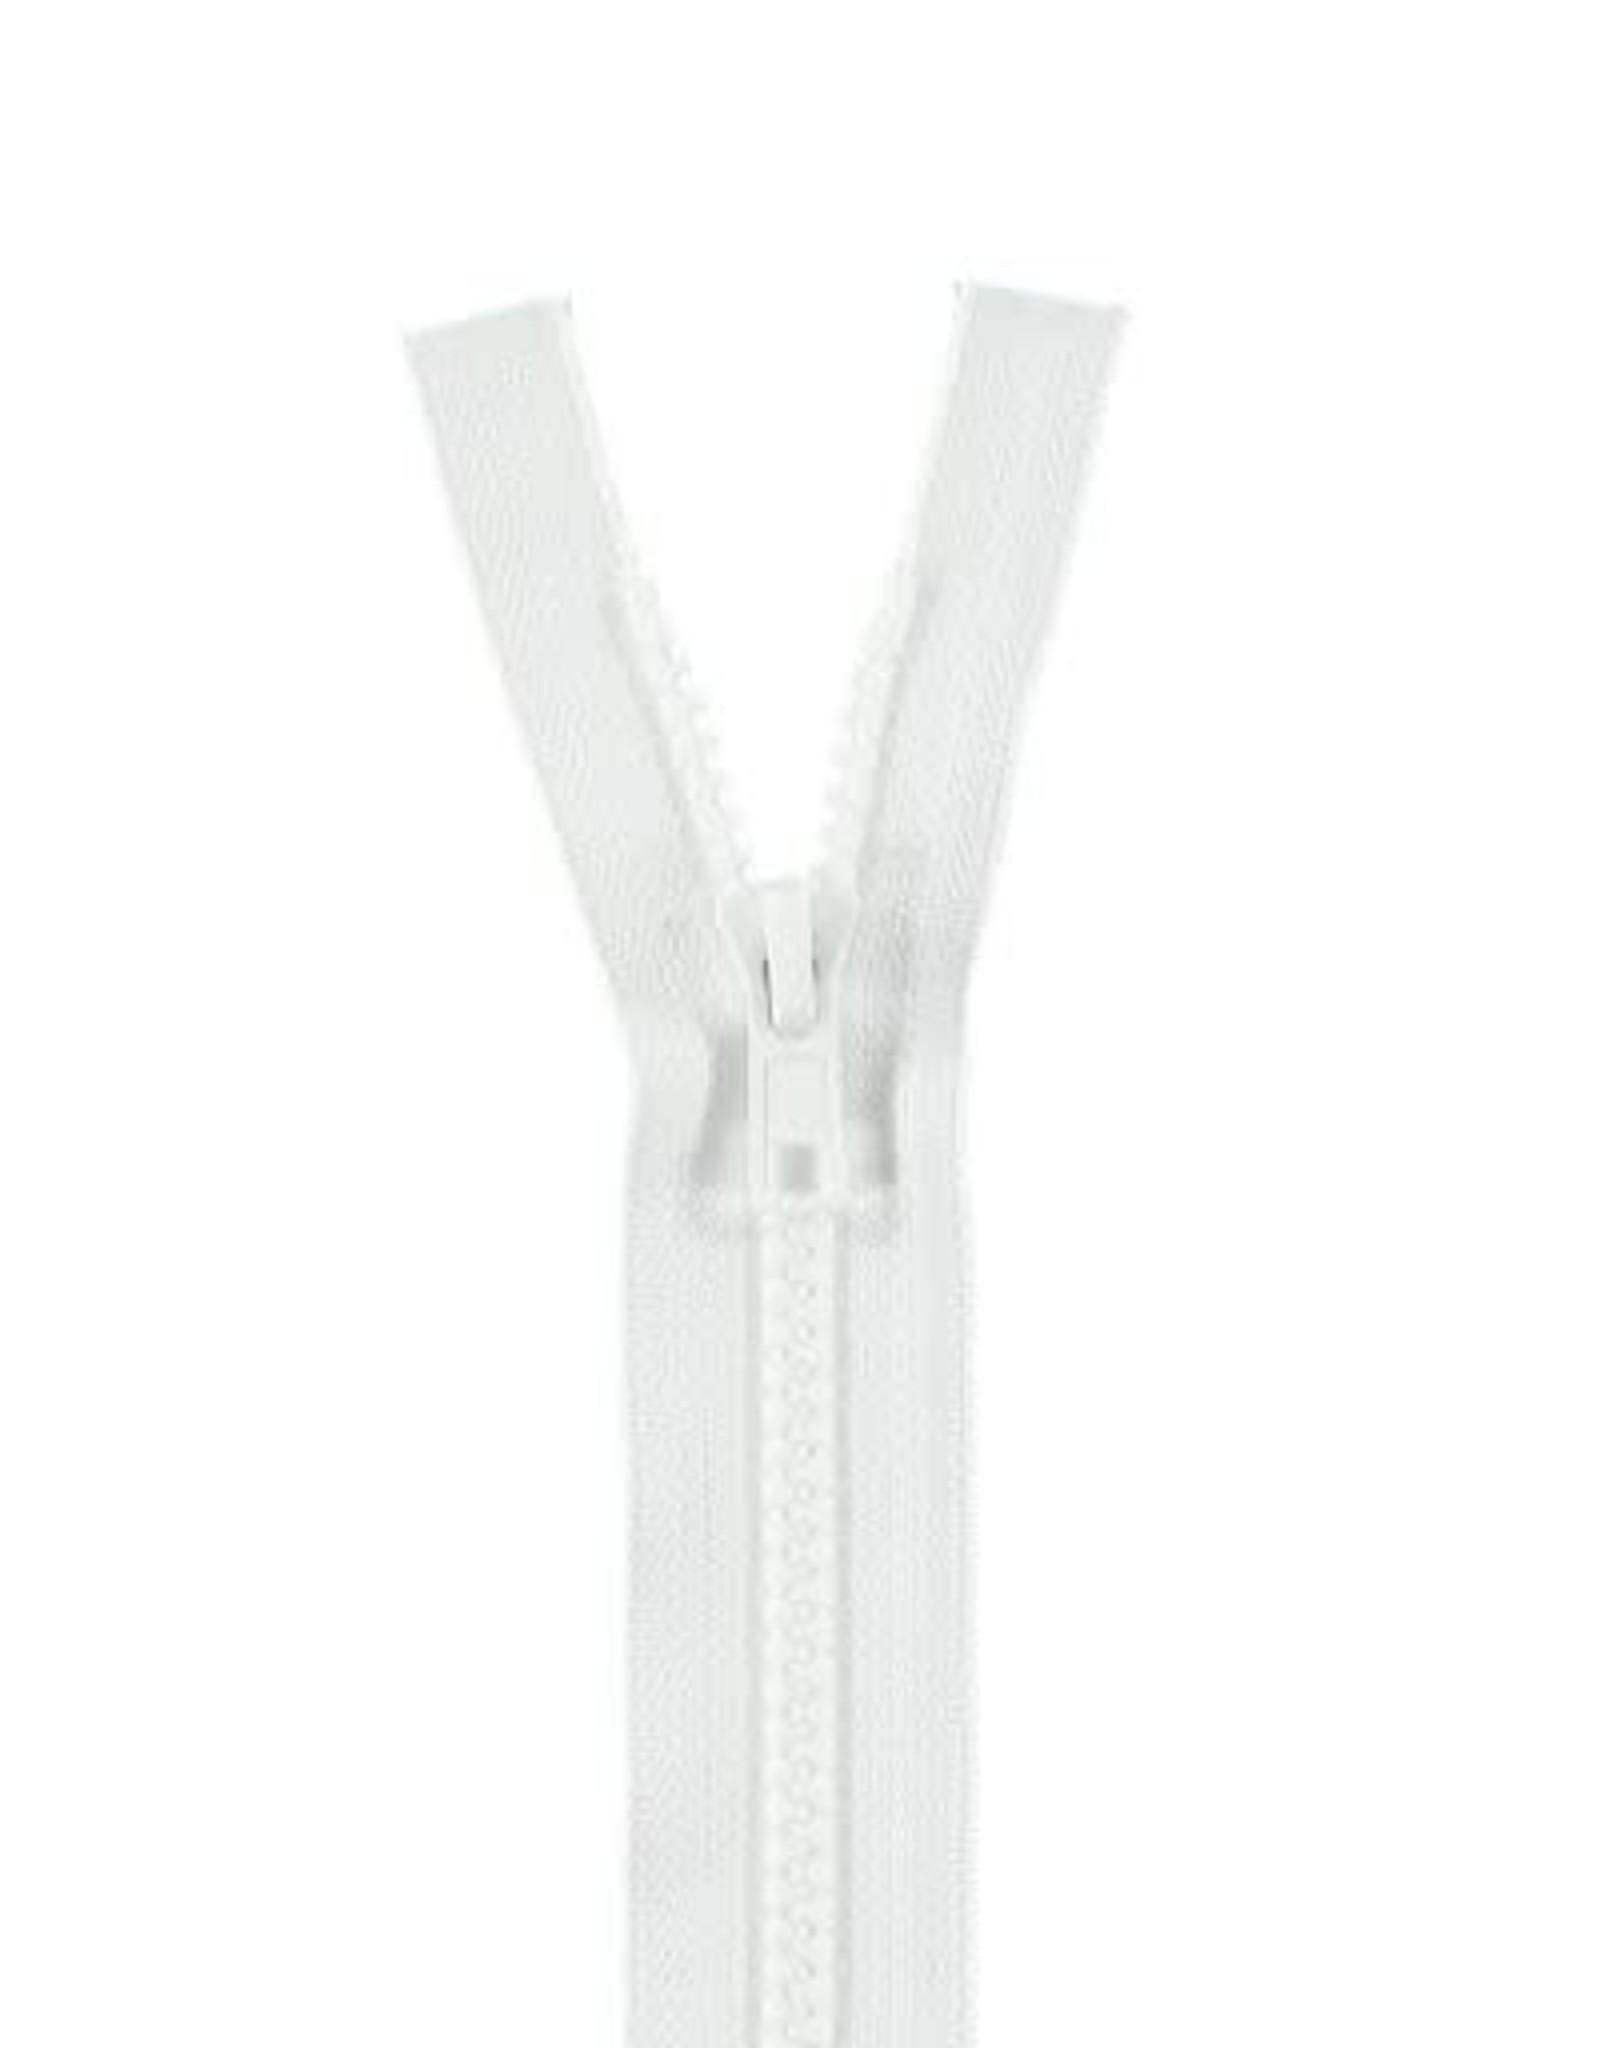 YKK BLOKRITS 5 DEELBAAR wit 501-65cm